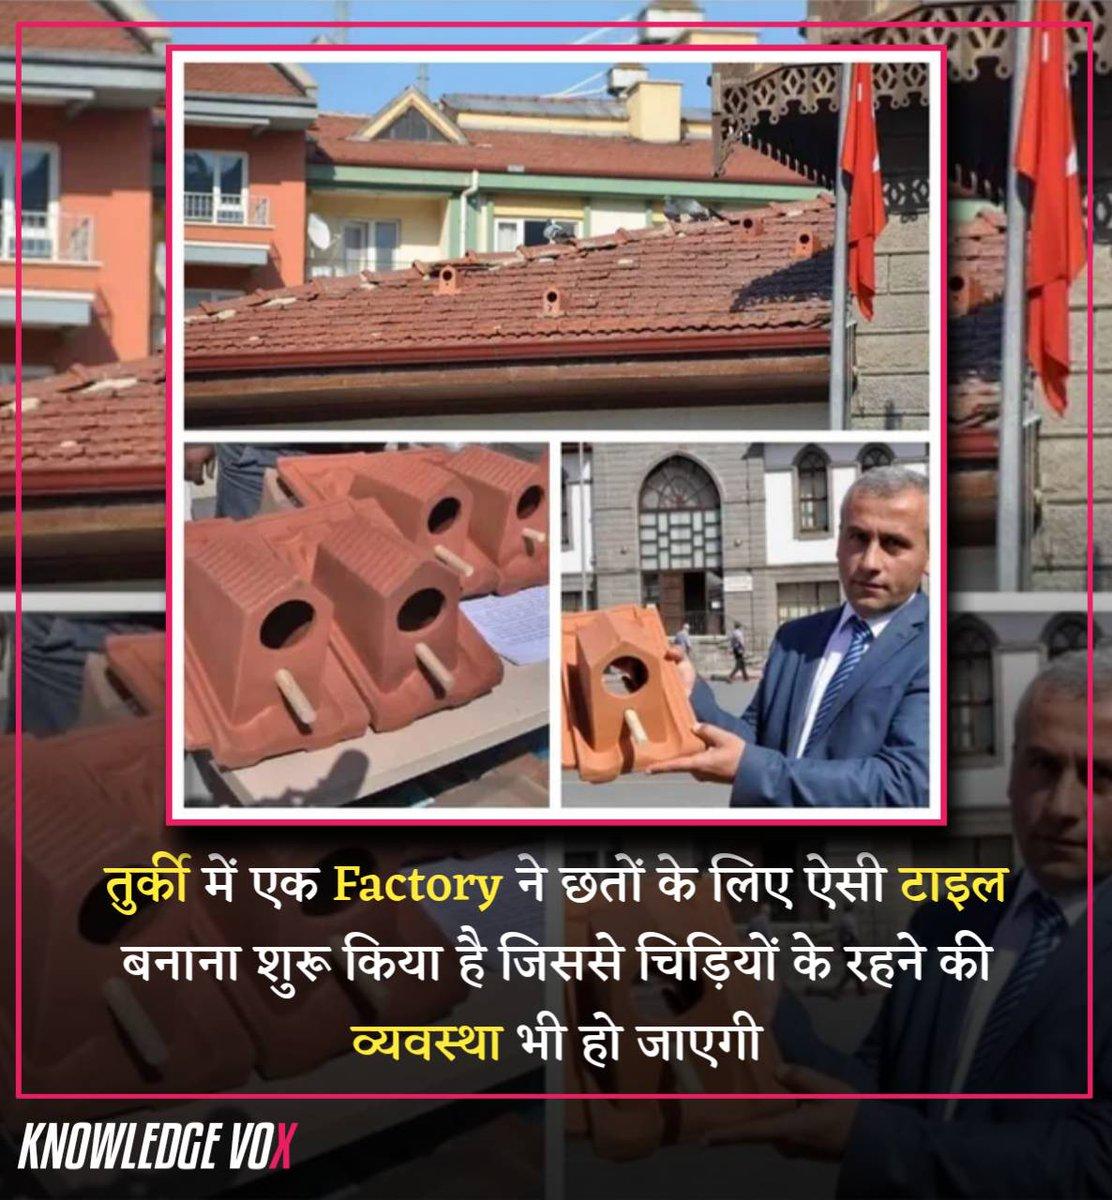 तुर्की में एक Factory ने छतों के लिए ऐसी टाइल बनाना शुरू किया है जिससे चिड़ियों के रहने की व्यवस्था भी हो जाएगी  #HindiFacts #Knowledgevox #RochakTathya #Hindipic.twitter.com/Z5dbHuYPUB